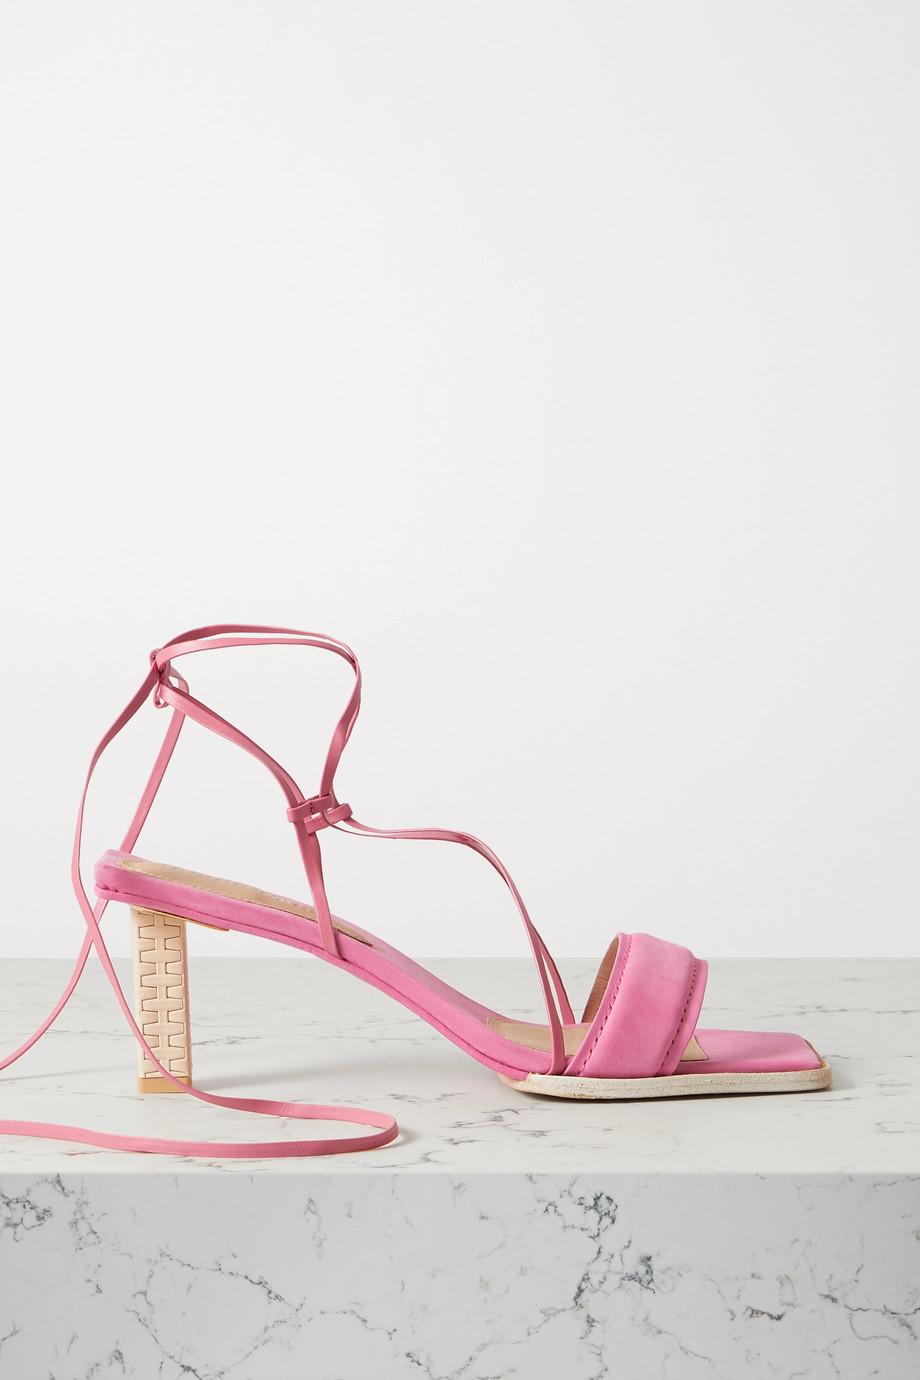 Jacquemus Adour nubuck sandals